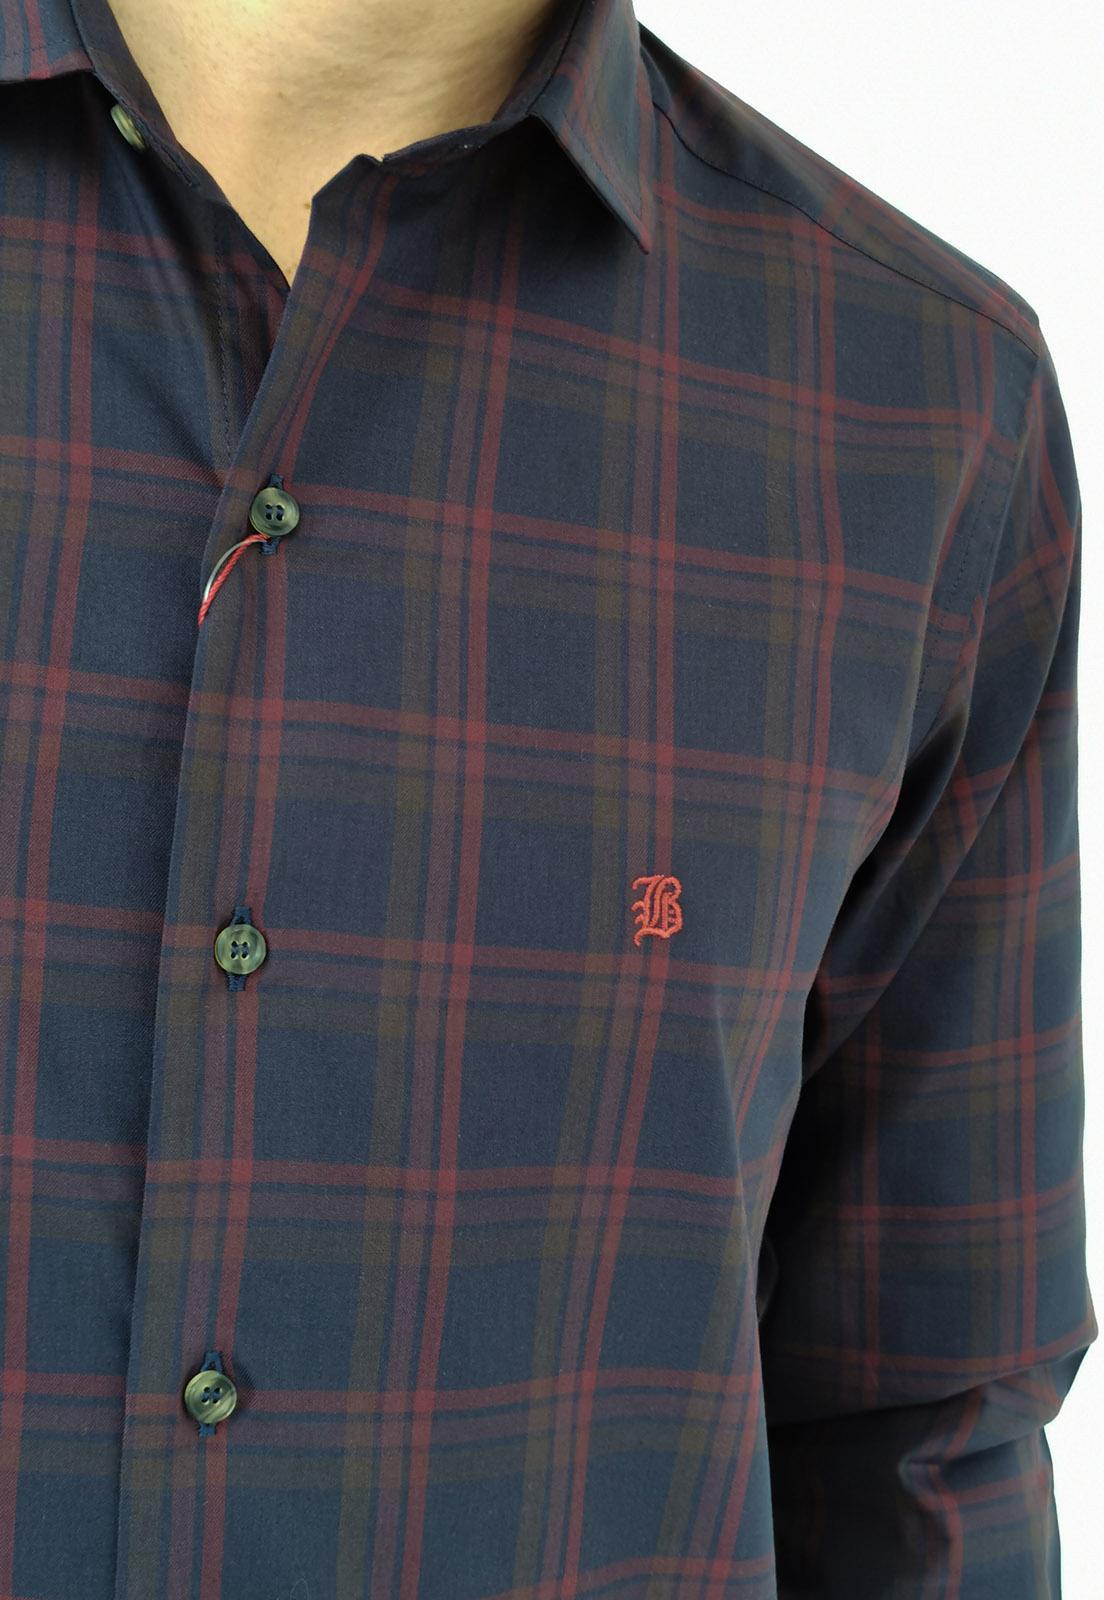 Camisa Manga Longa Slim Baumgarten Xadrez Marinho